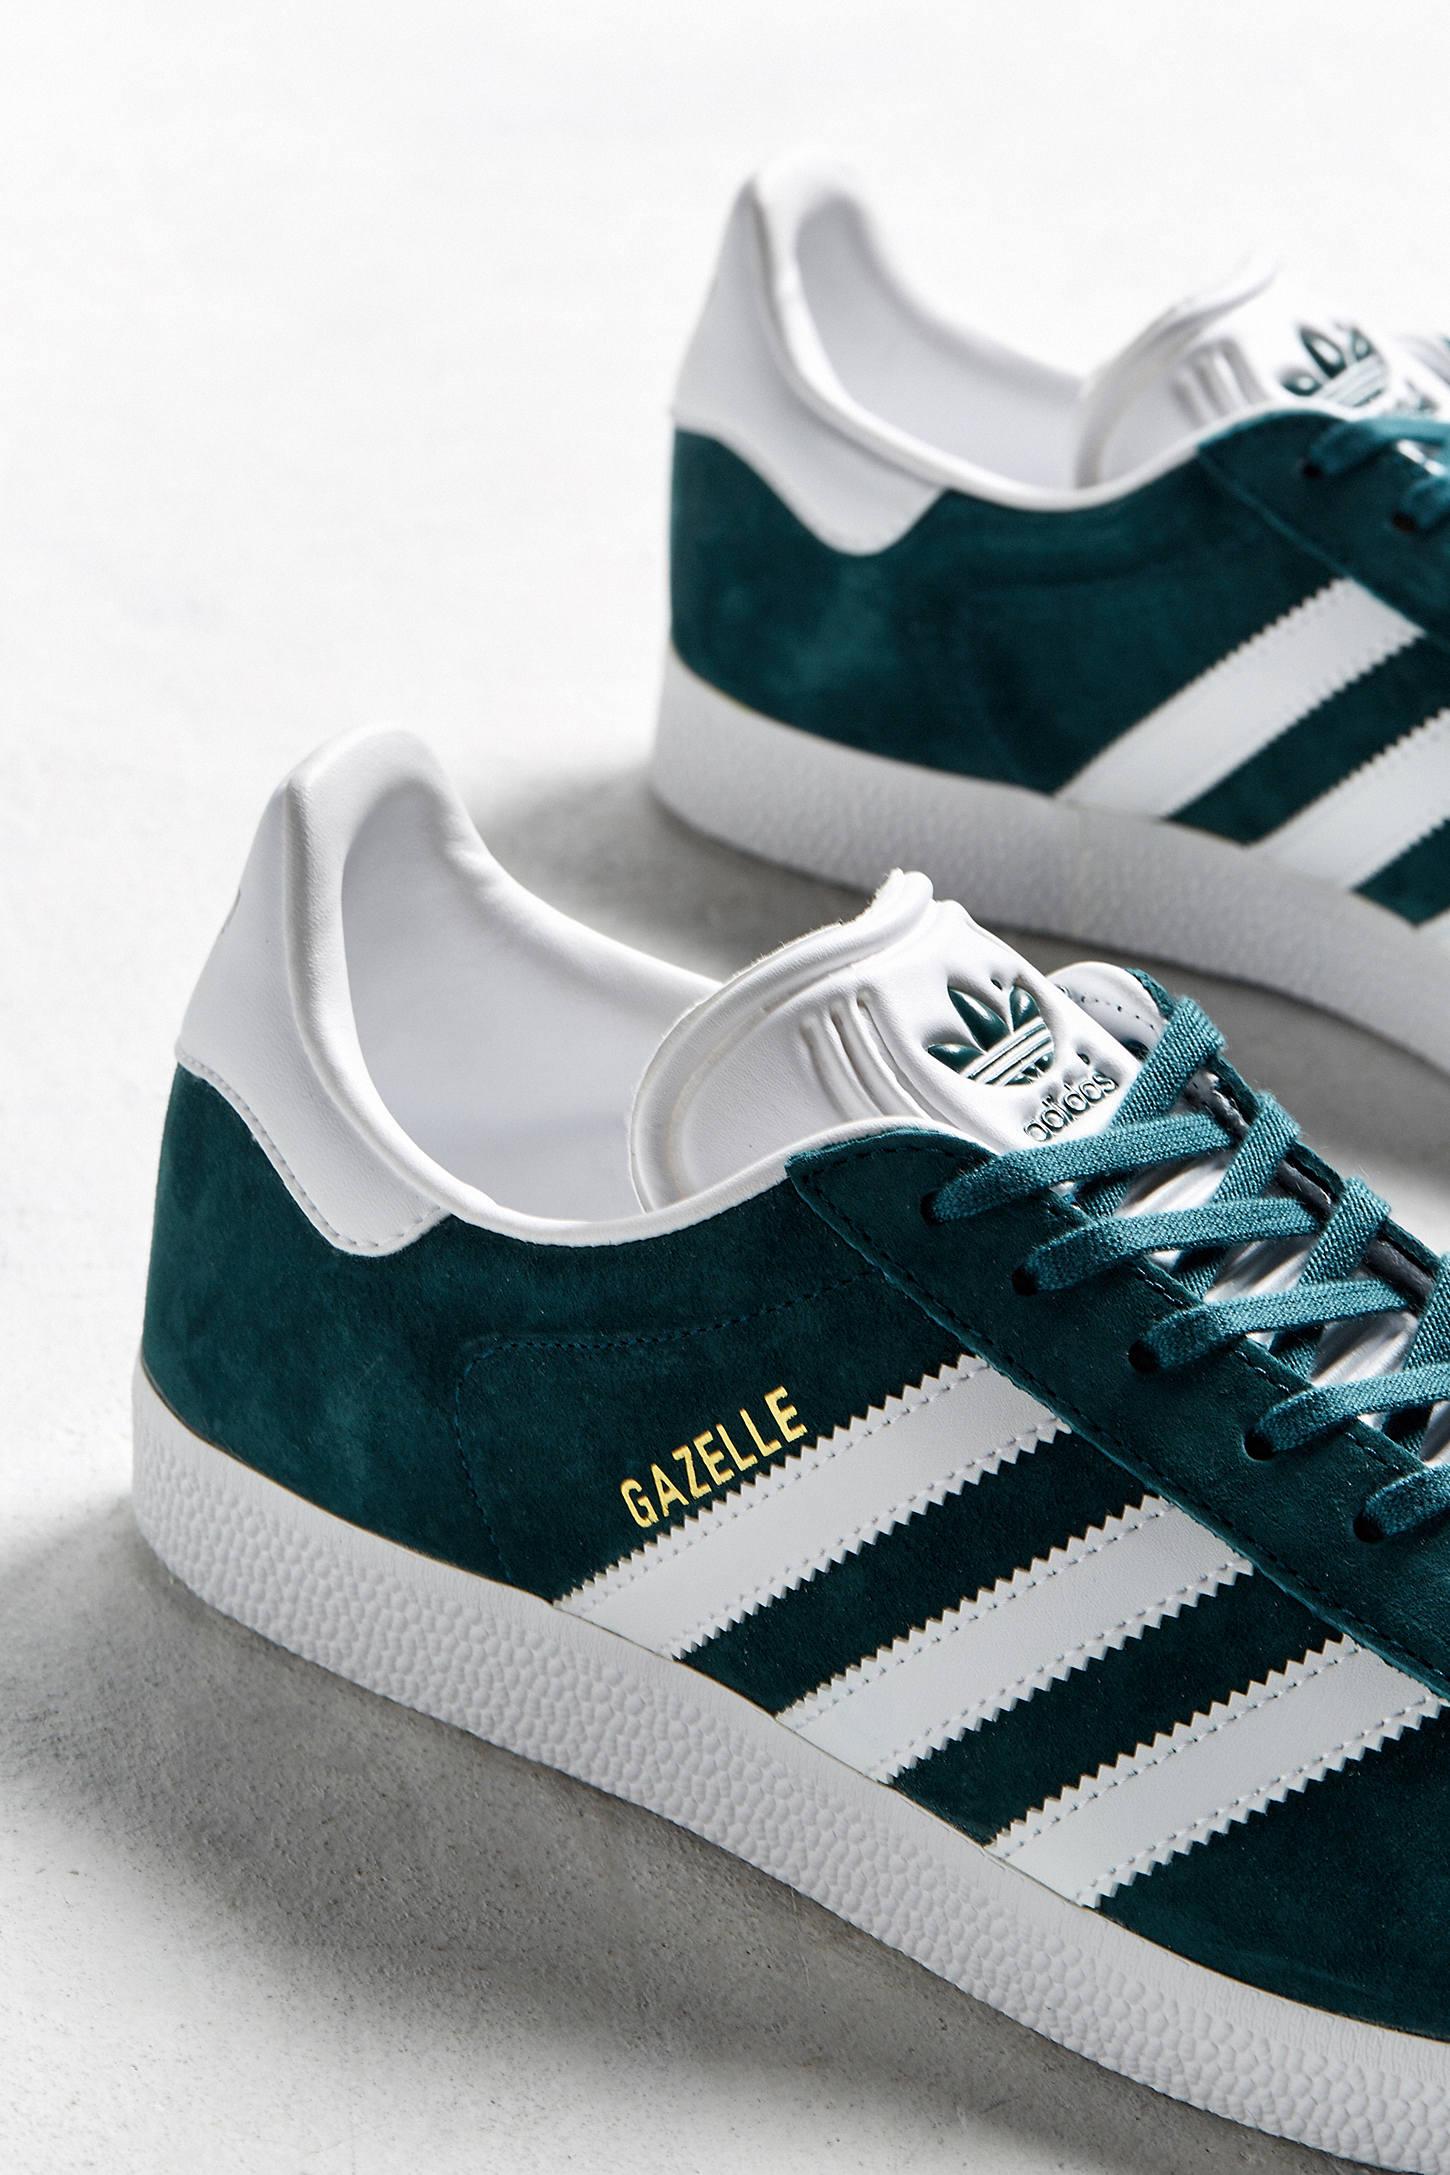 Buy Adidas Gazelle OG W Compare Prices on idealo.co.uk